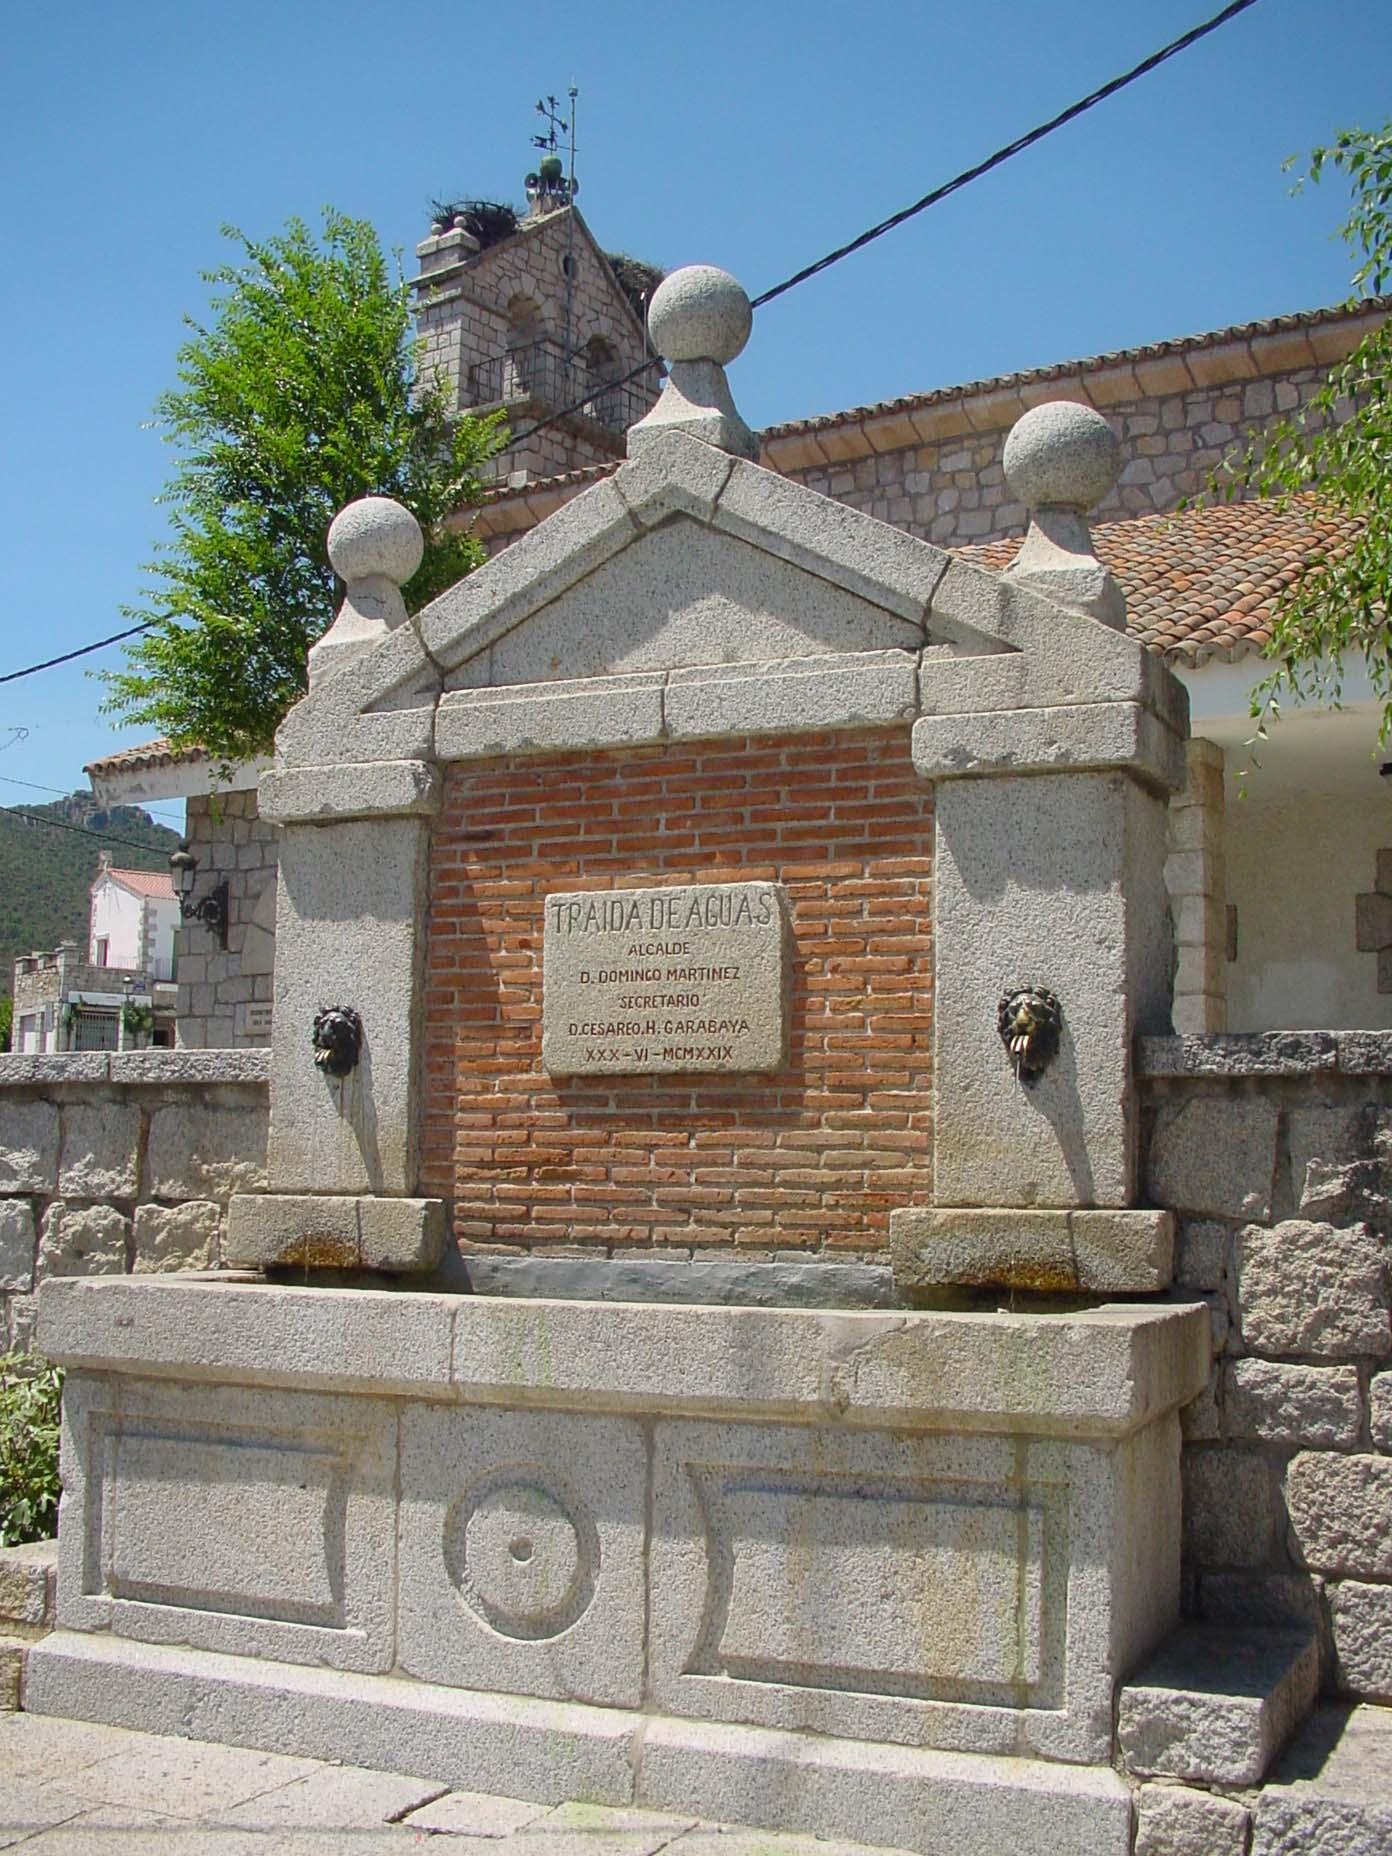 Fuente de piedra en Hoyo de Manzanares